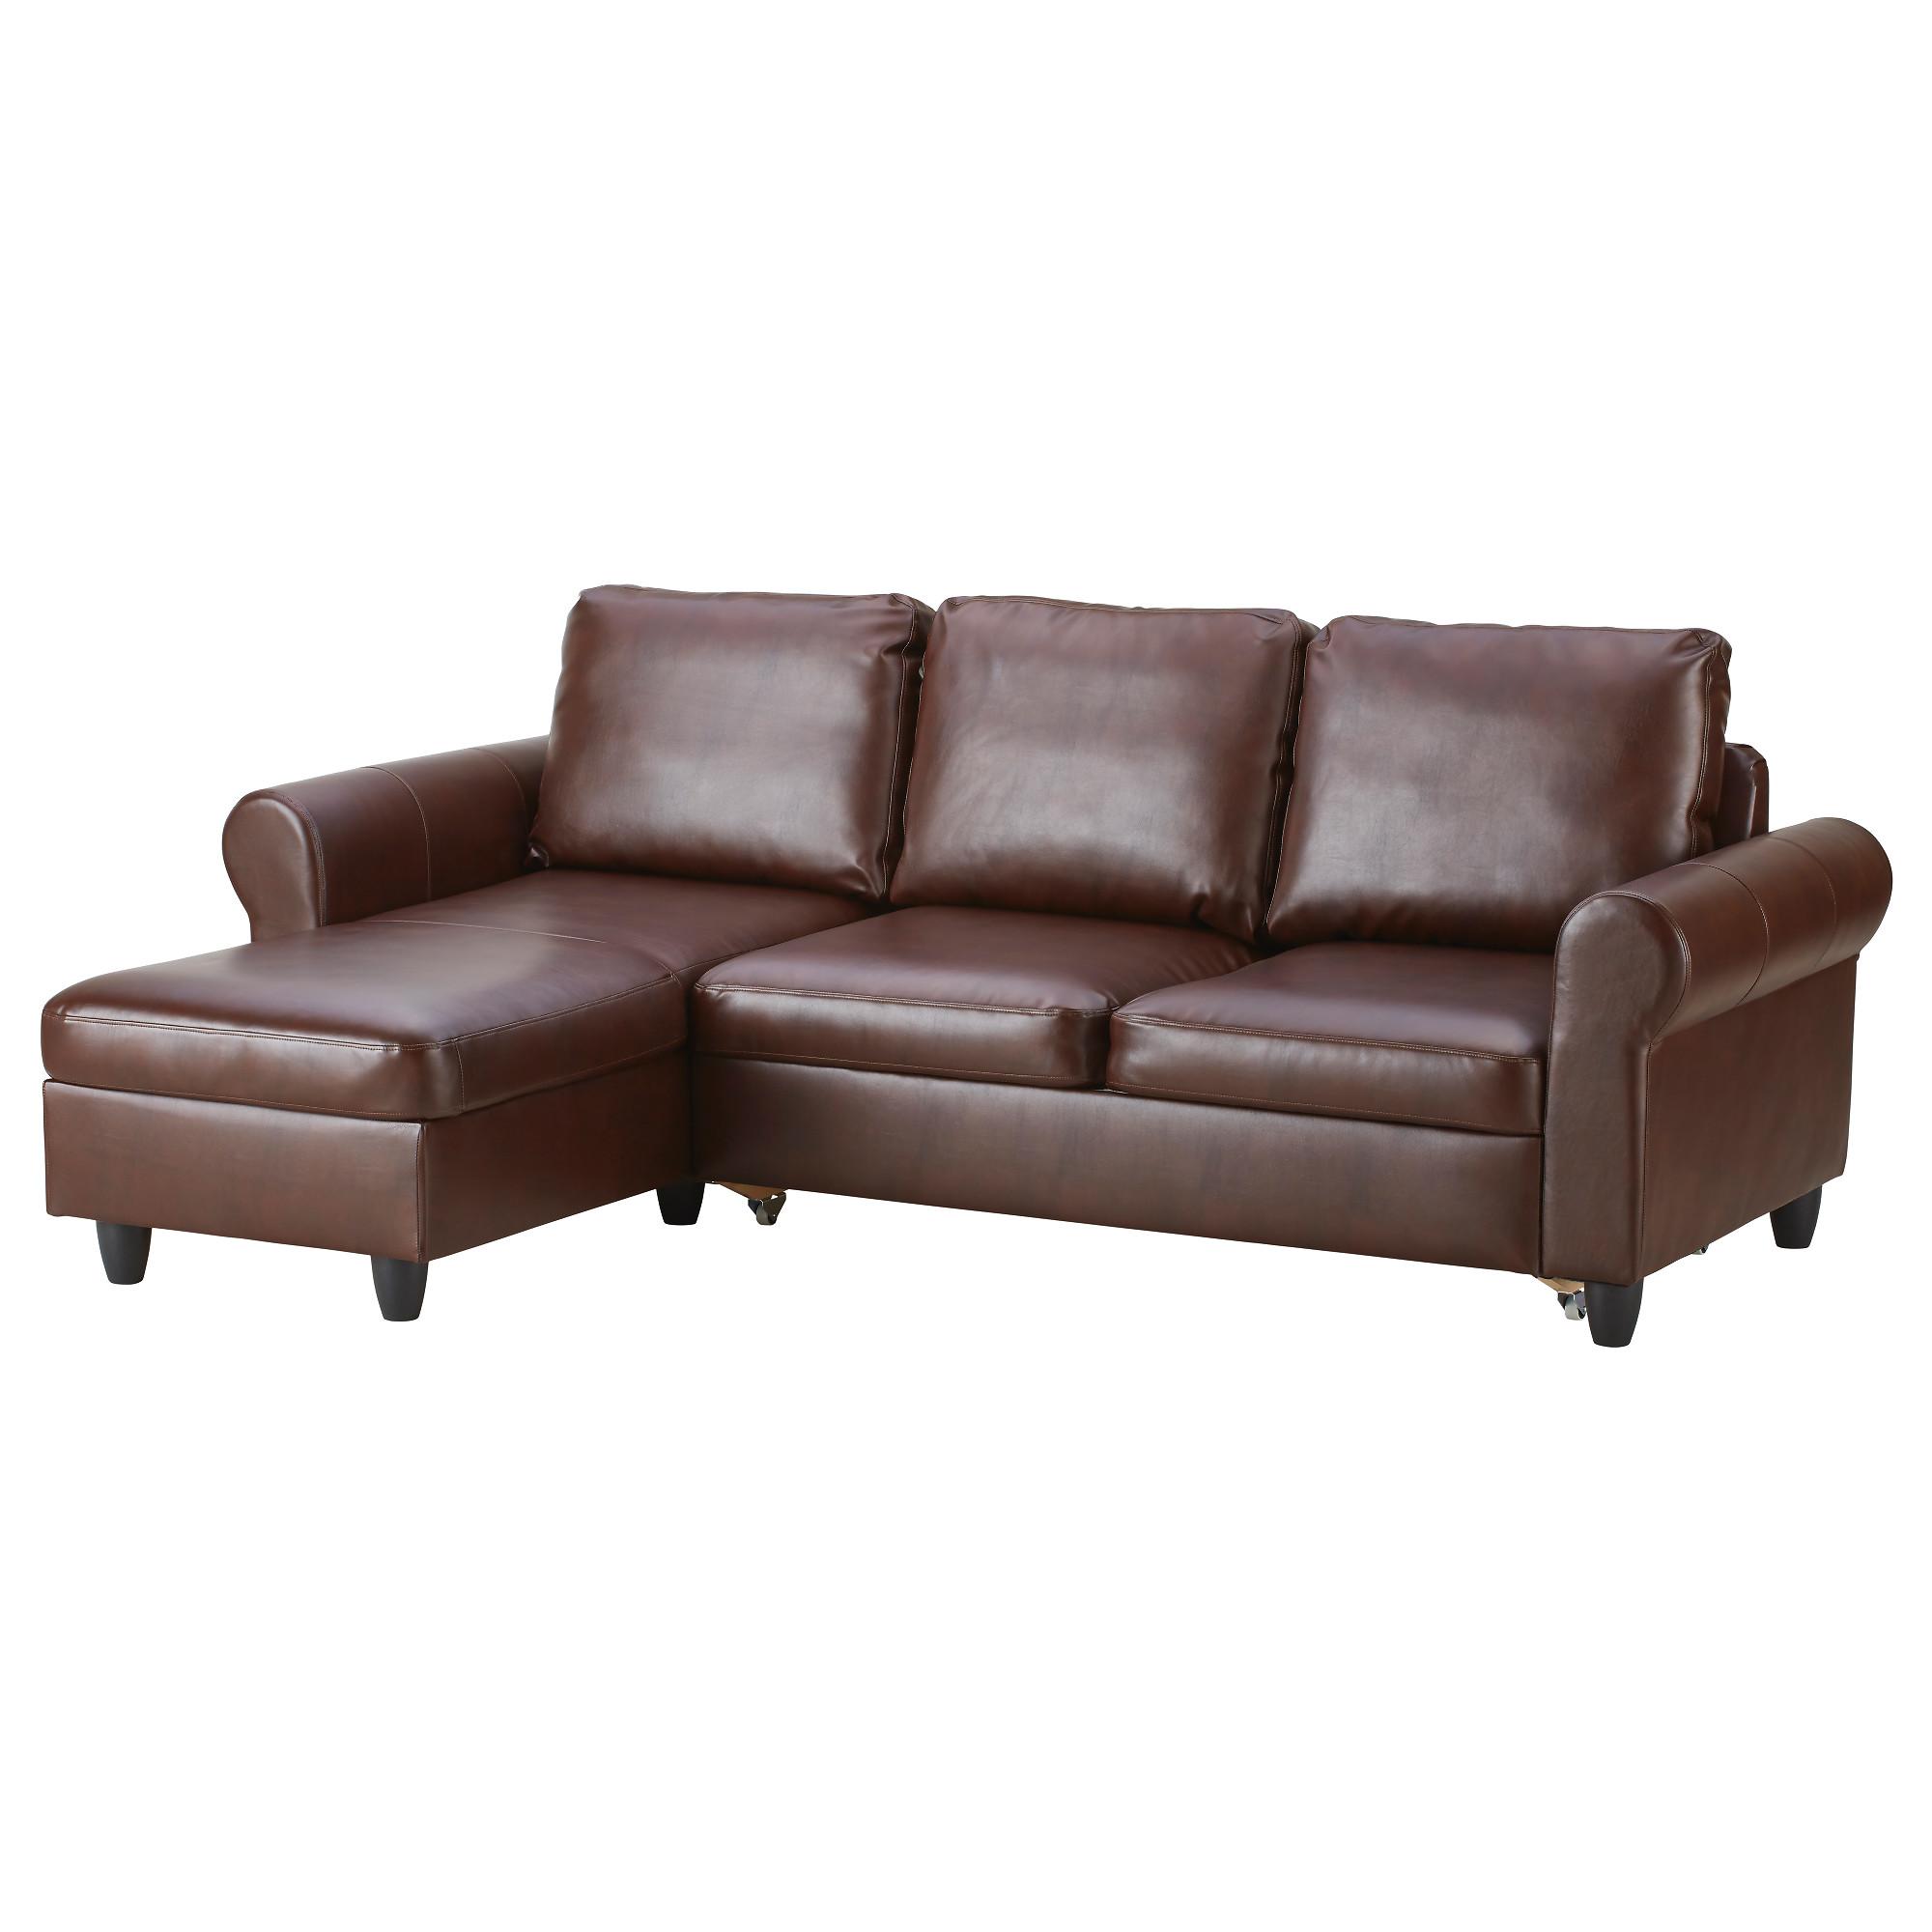 купить диван кровать с козеткой фиксхульт раггиг темно коричневый